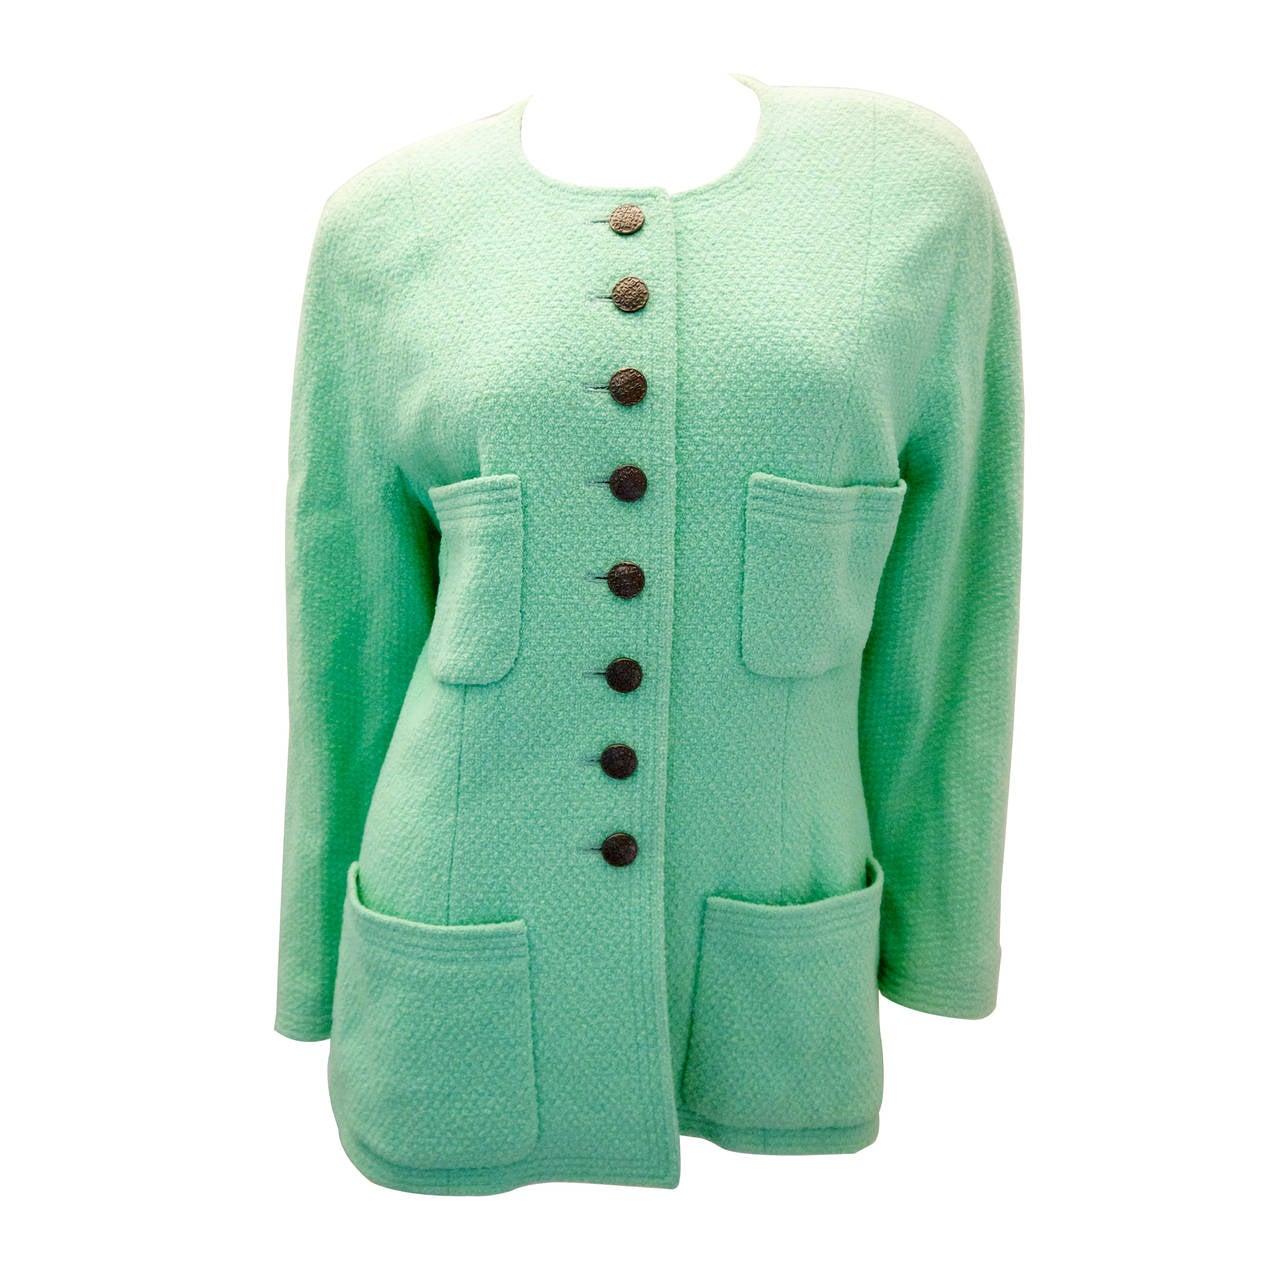 Vintage Chanel Sea Foam Mint Green Jacket - Size 42 For Sale